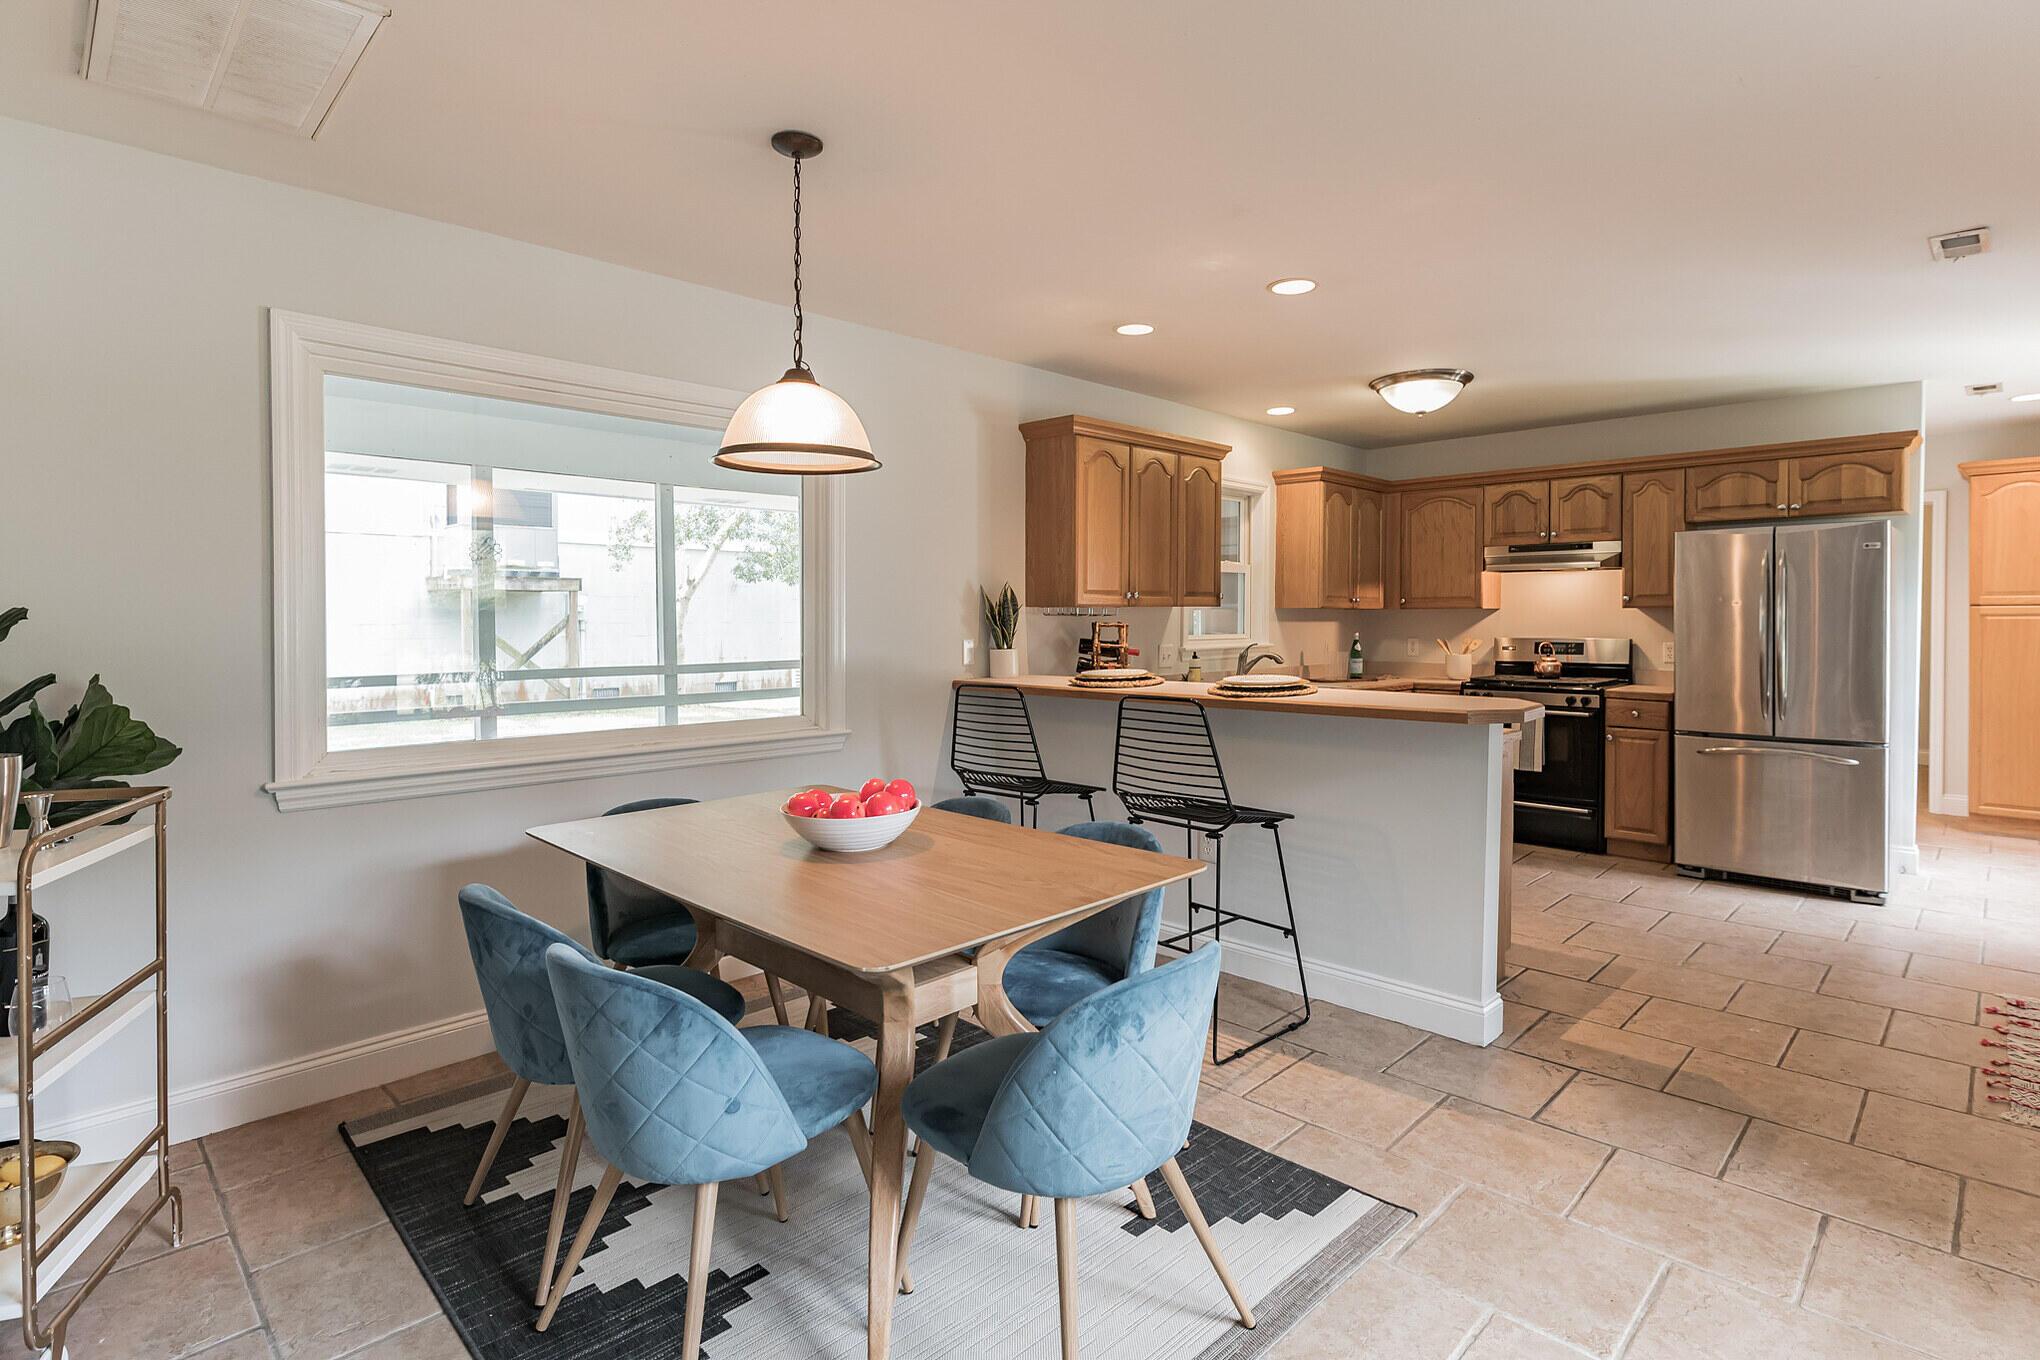 Camp Road Estates Homes For Sale - 825 Hale, Charleston, SC - 10